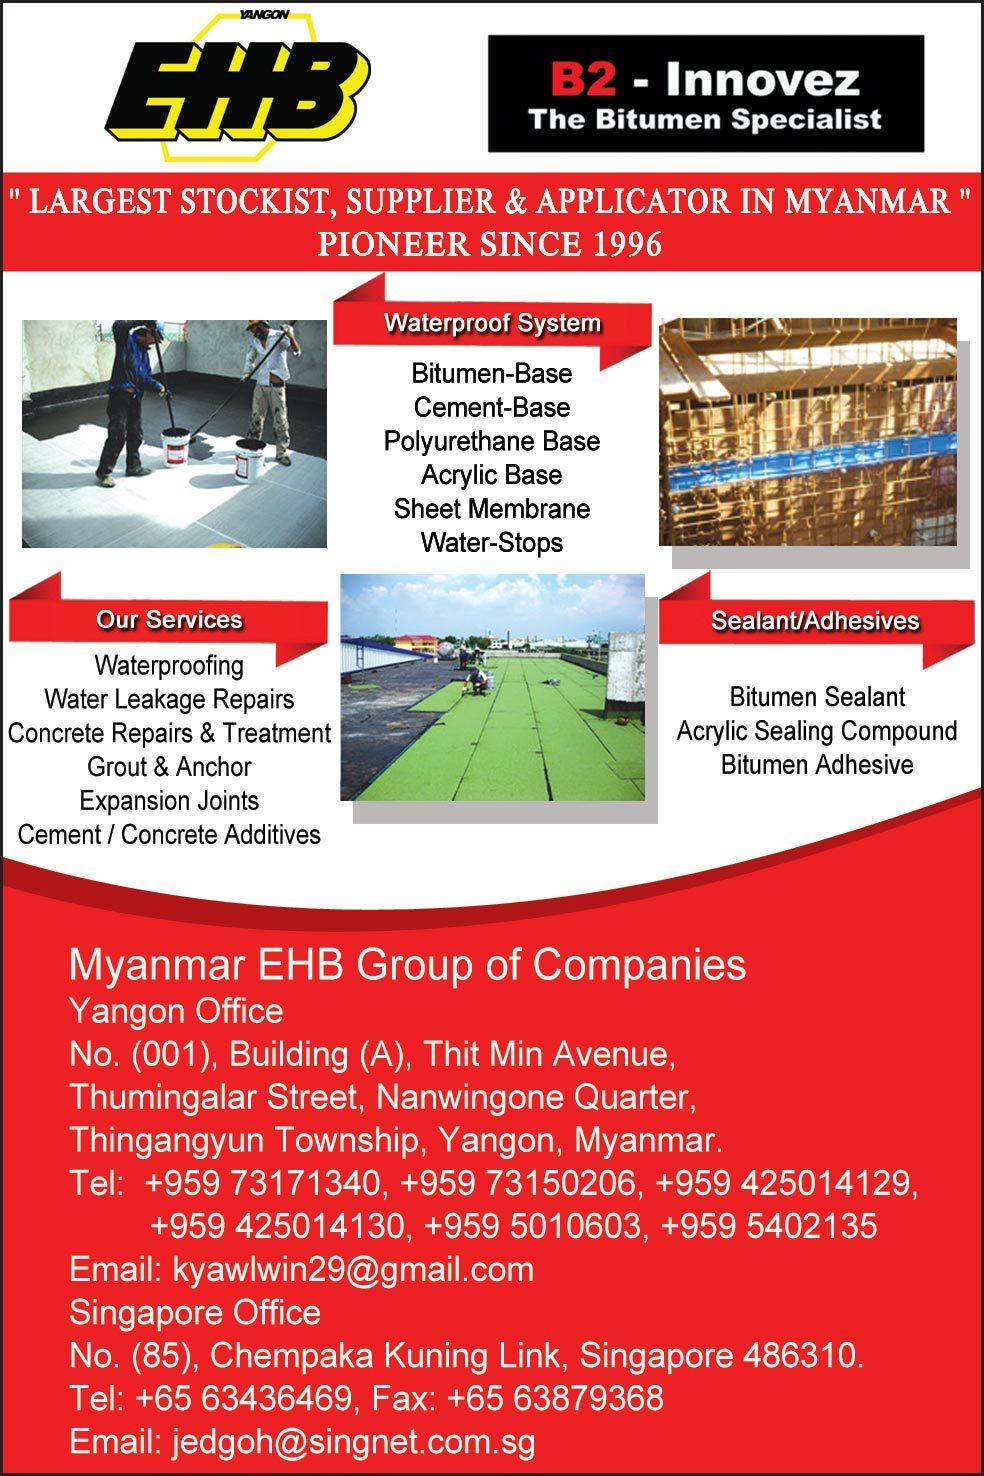 Myanmar-EHB-Co-Ltd_WaterProofing-Products_(A)_2105.jpg